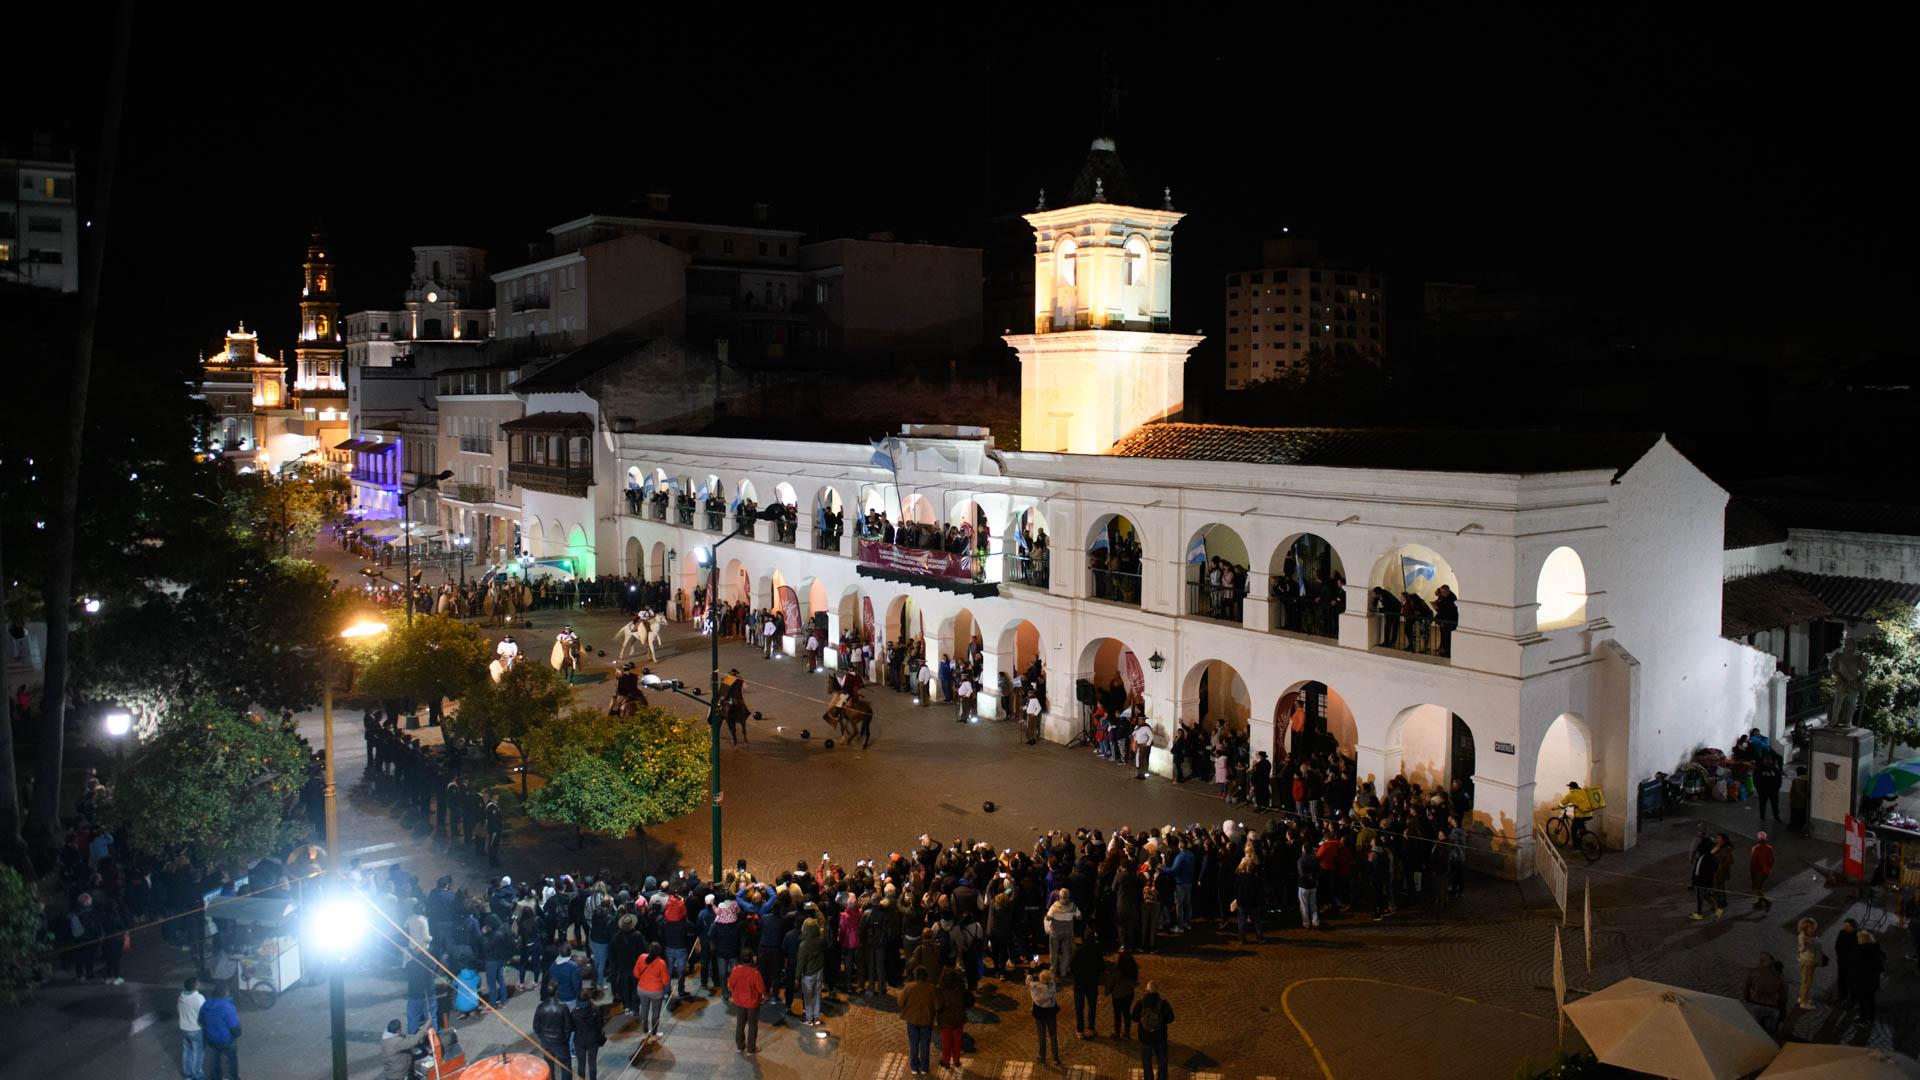 El Cabildo de la capital salteña, construido en 1780, es el mejor conservado del país.